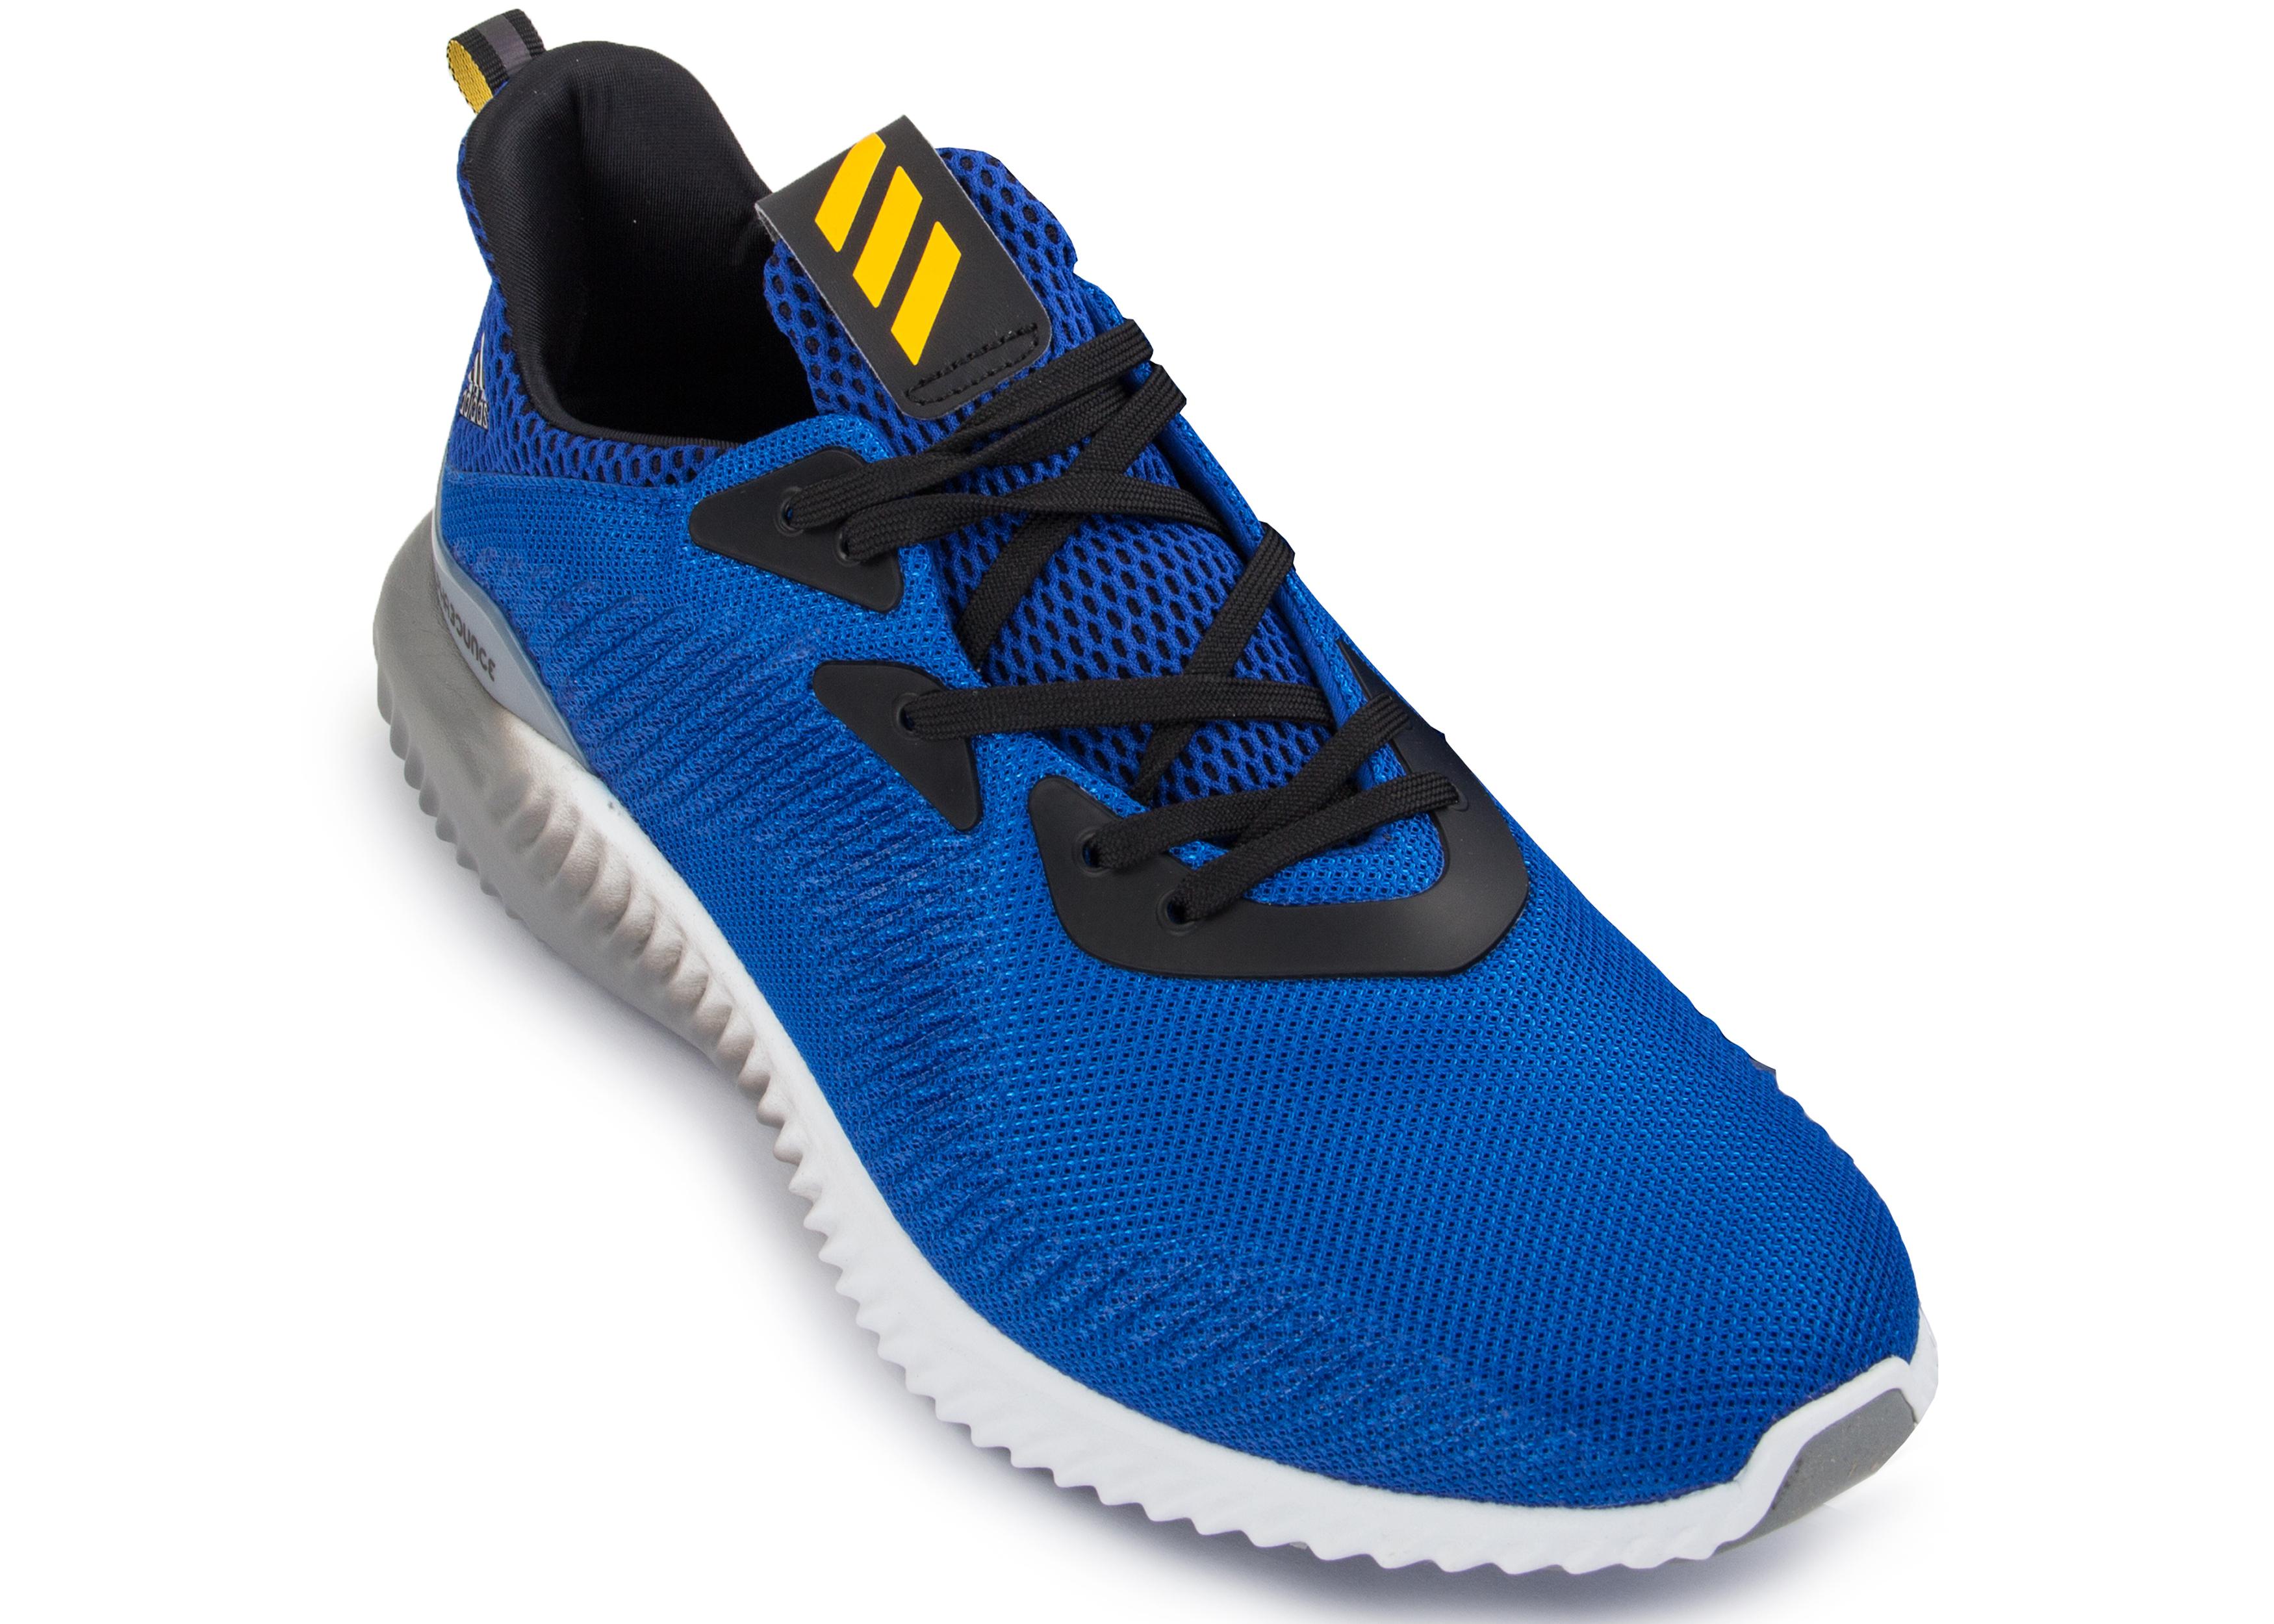 faadd0398 Кроссовки мужские Adidas AlphaBounce 1m синие - Сеть спортивных ...